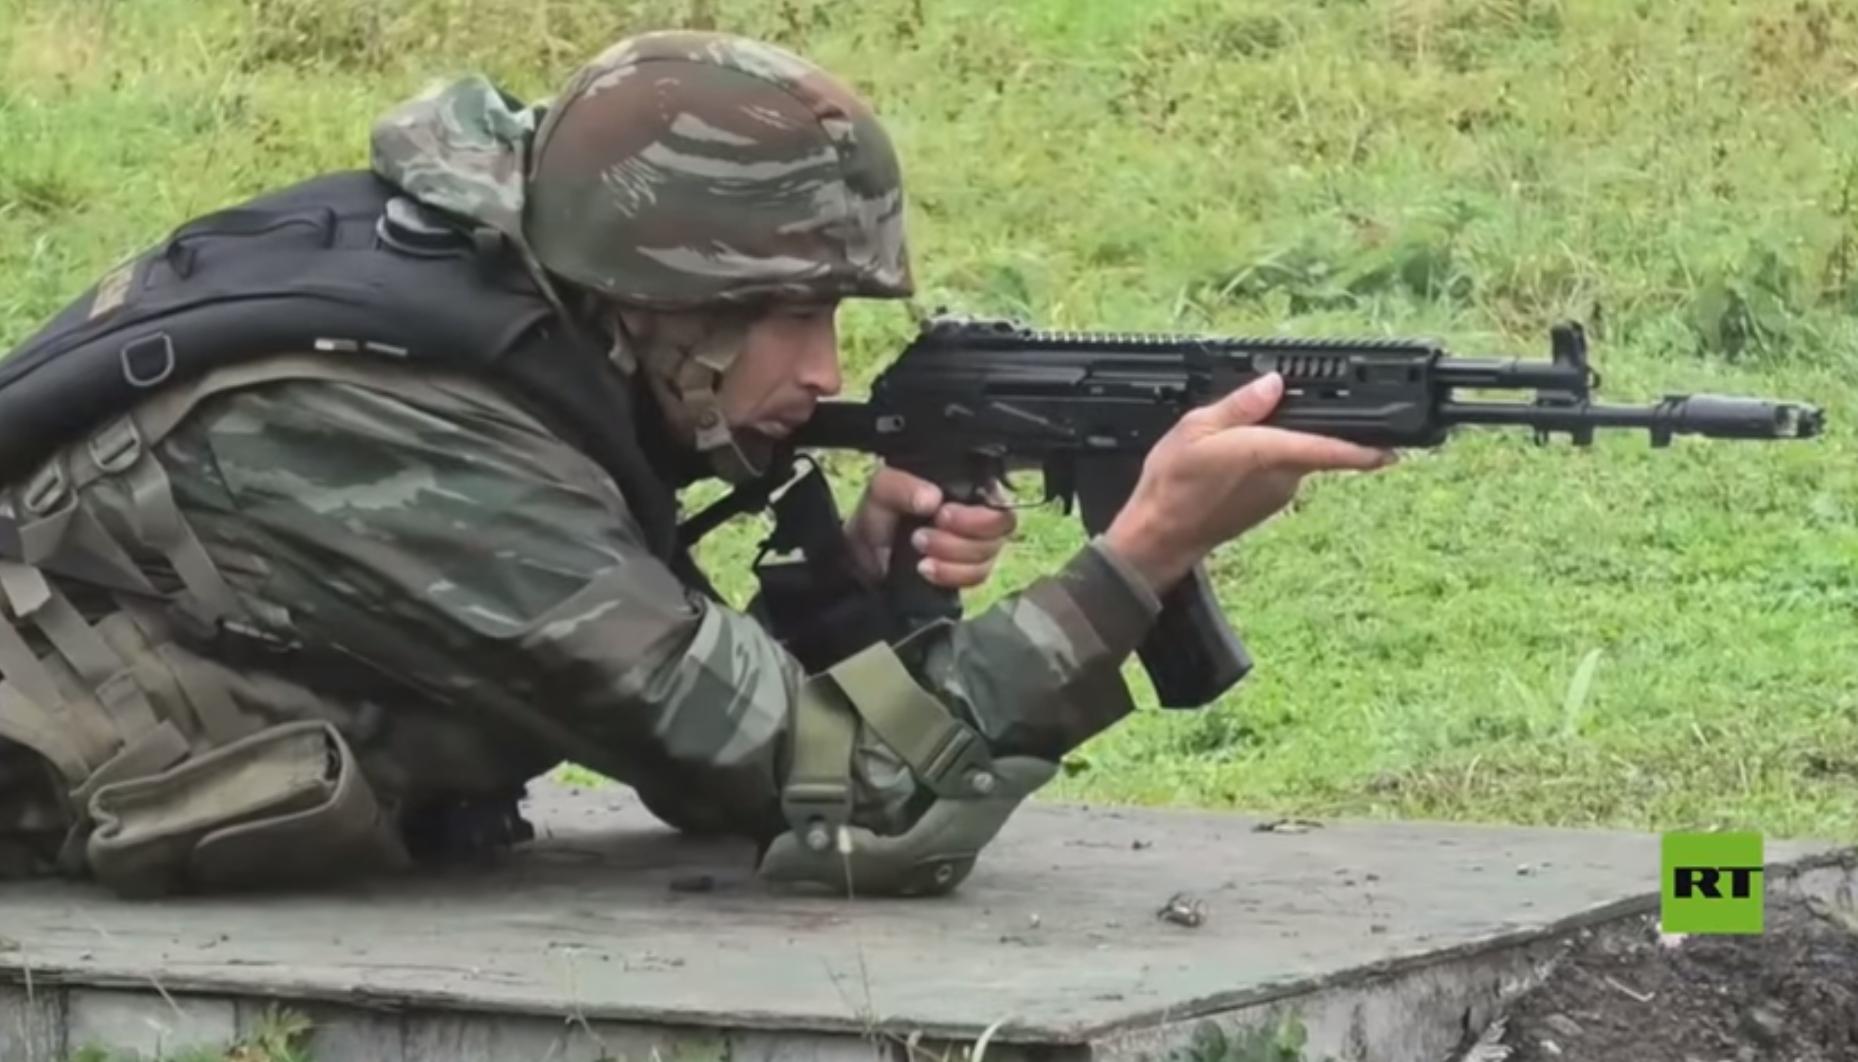 بالفيديو.. الجيش الجزائري يجرب لأول مرة نسخة جديدة من الكلاشينكوف بروسيا